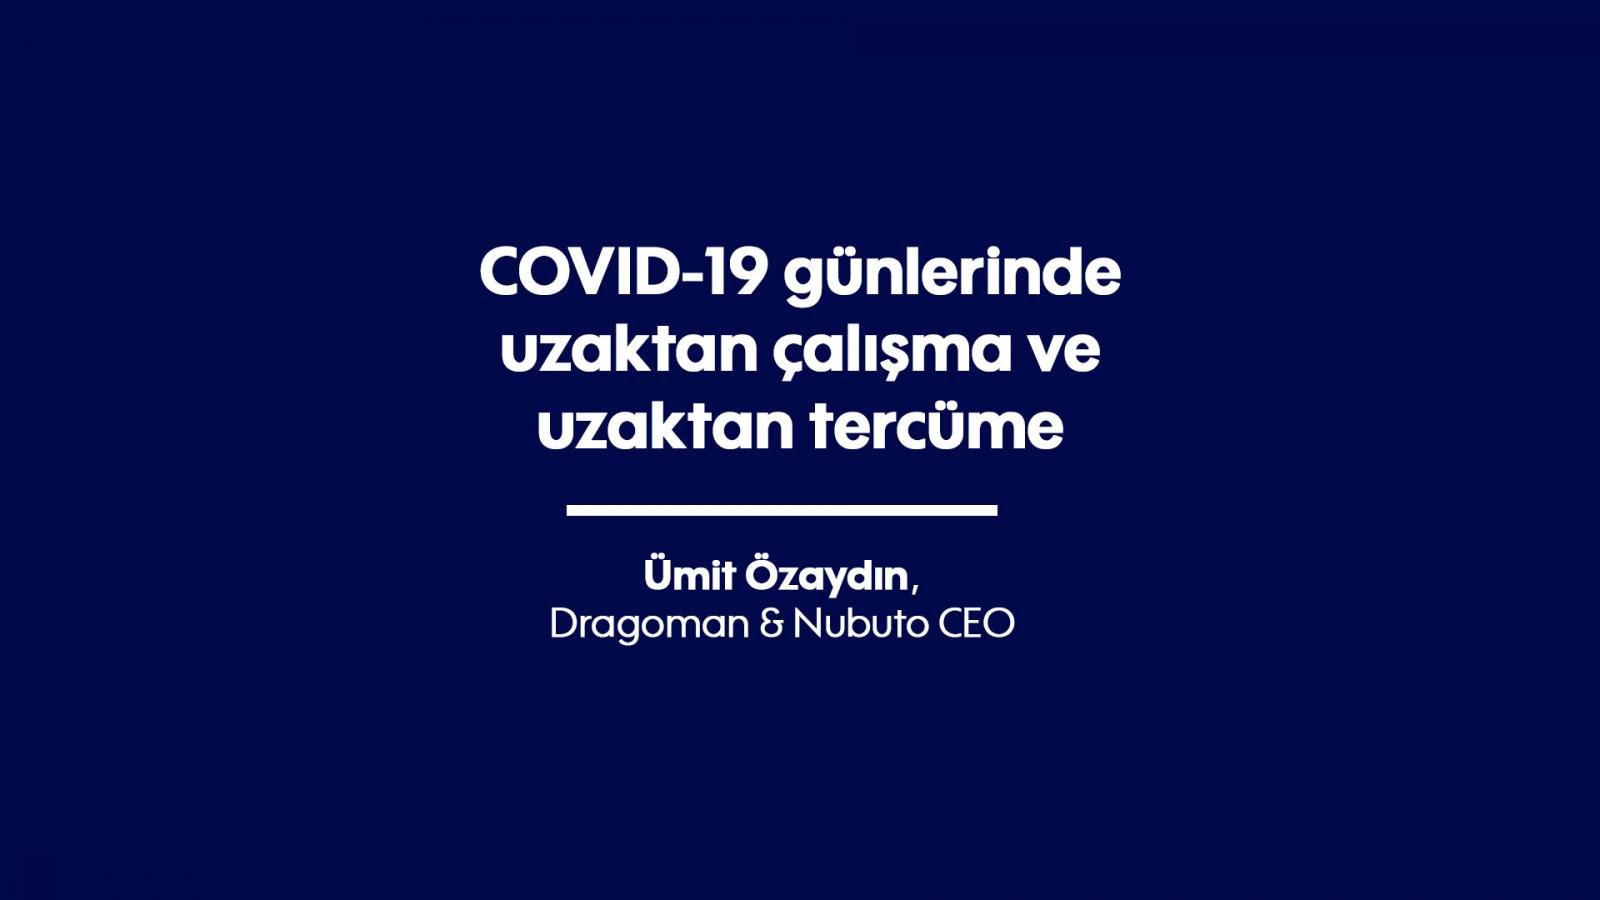 COVID-19 günlerinde uzaktan çalışma ve uzaktan tercüme